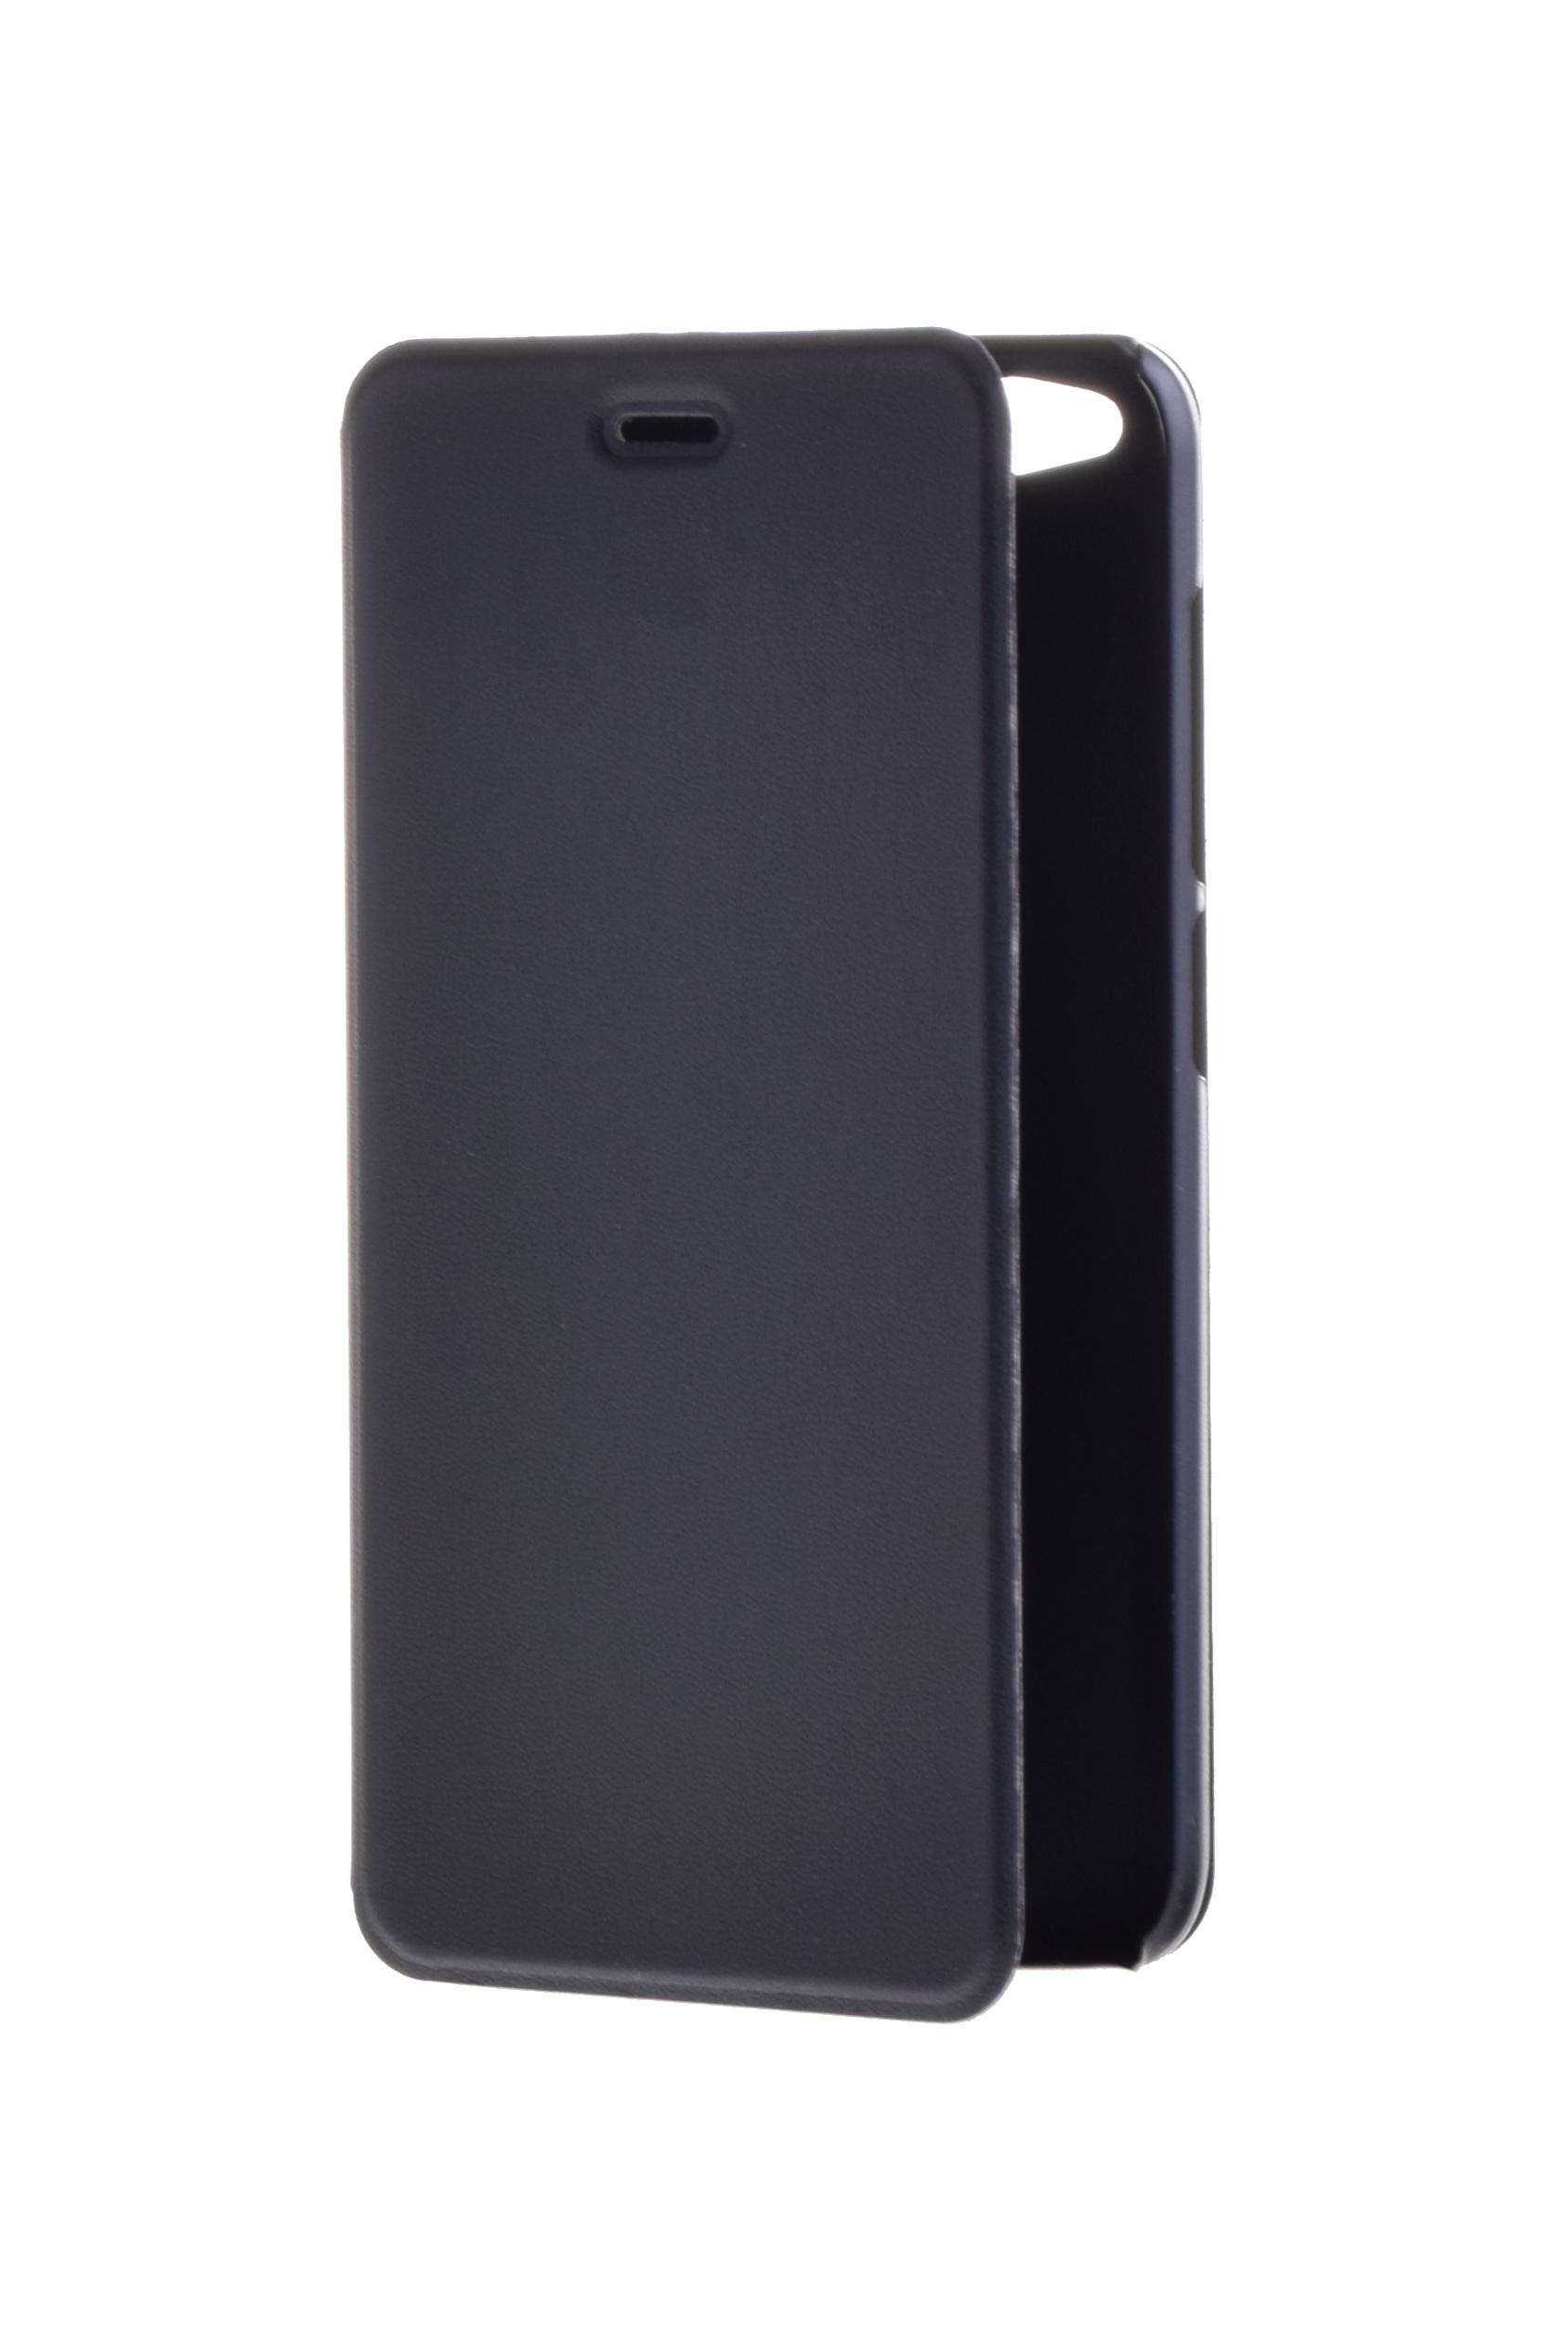 SiGiSI flipové pouzdro pro Xiaomi Redmi 4X Global Čern½